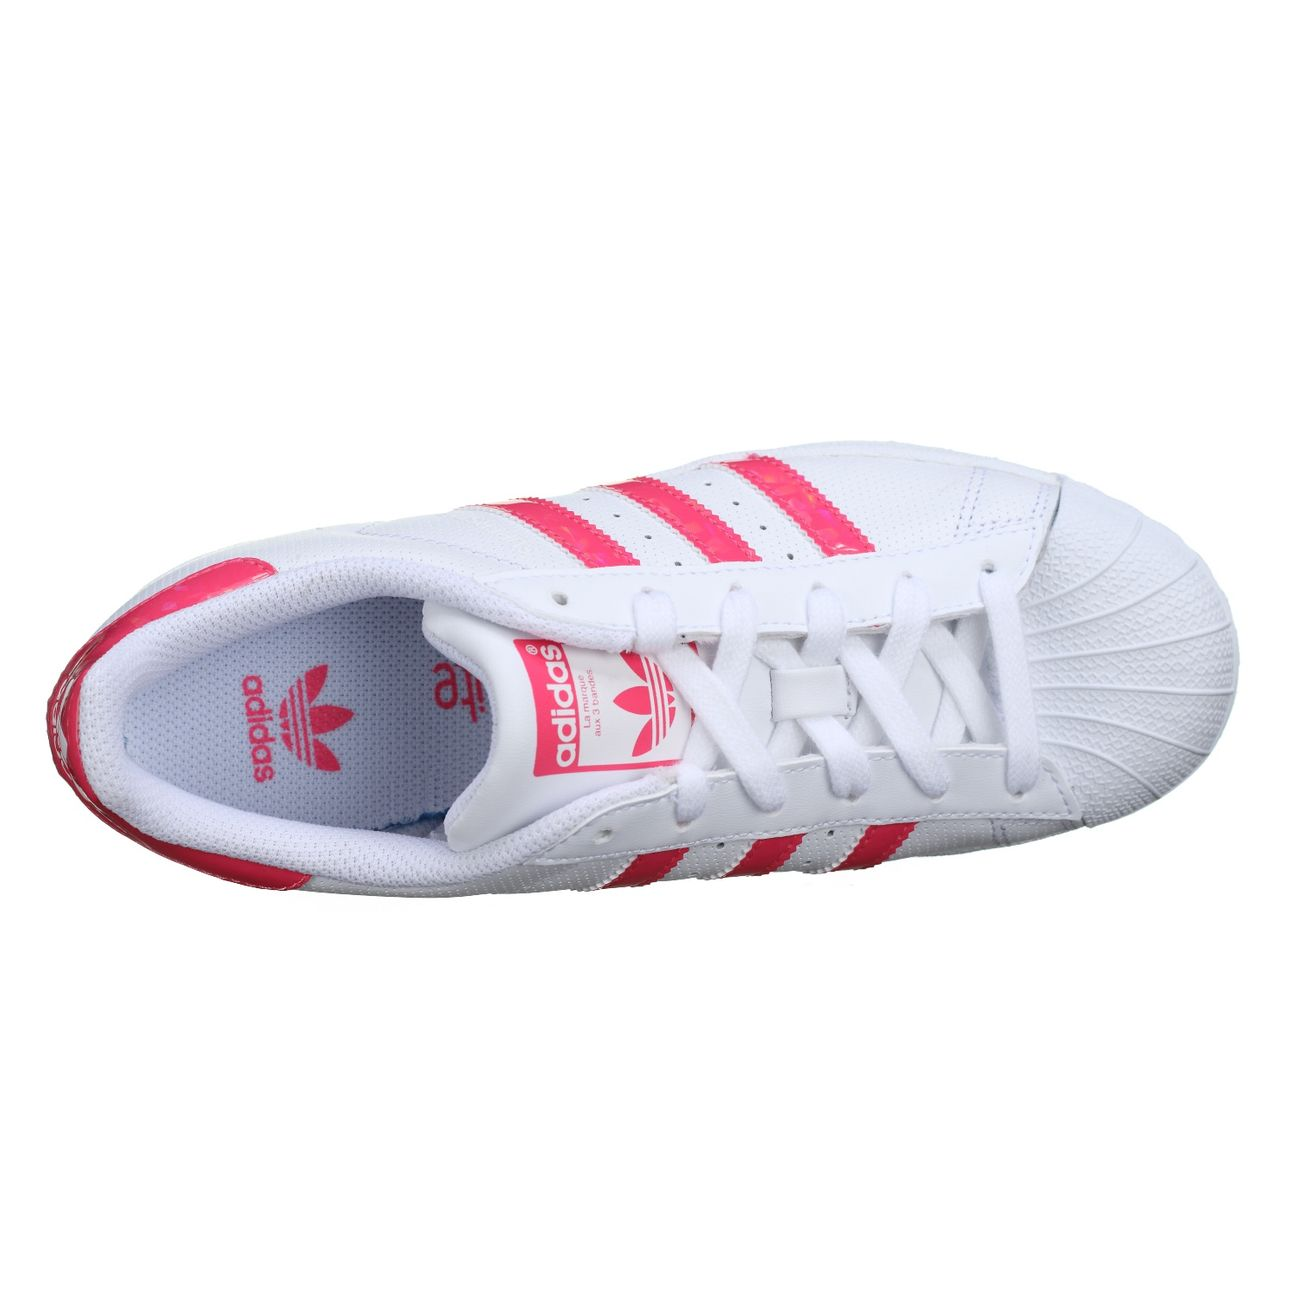 Fille Superstar Adidas Basket Originals JuniorDb1210 ModeLifestyle by7vfgY6